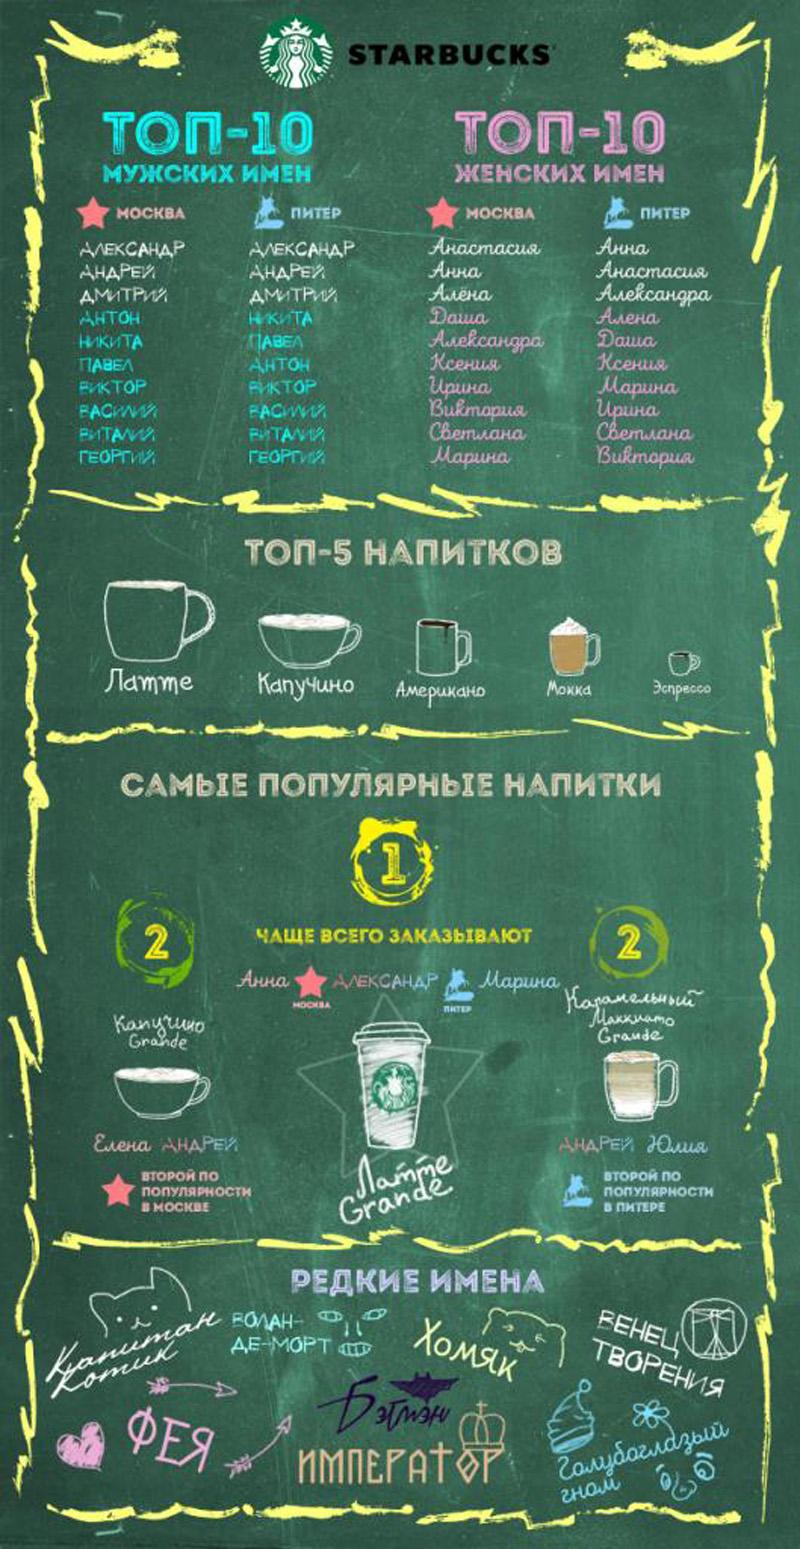 Какие имена пишут на стаканах Starbucks?